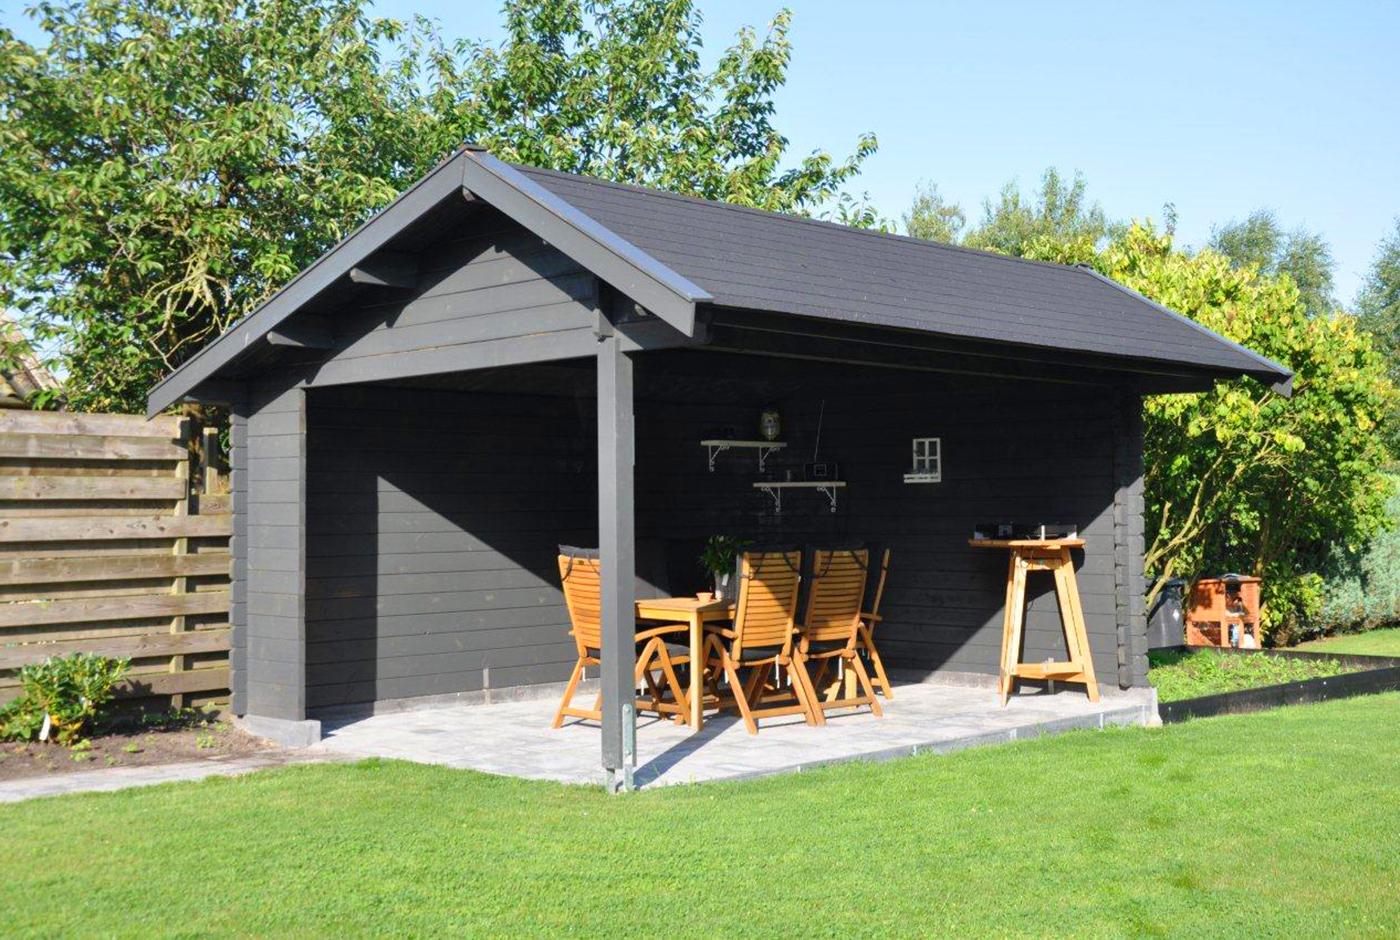 gartenhaus in grau – modern, zeitlos und elegant - so muss das!